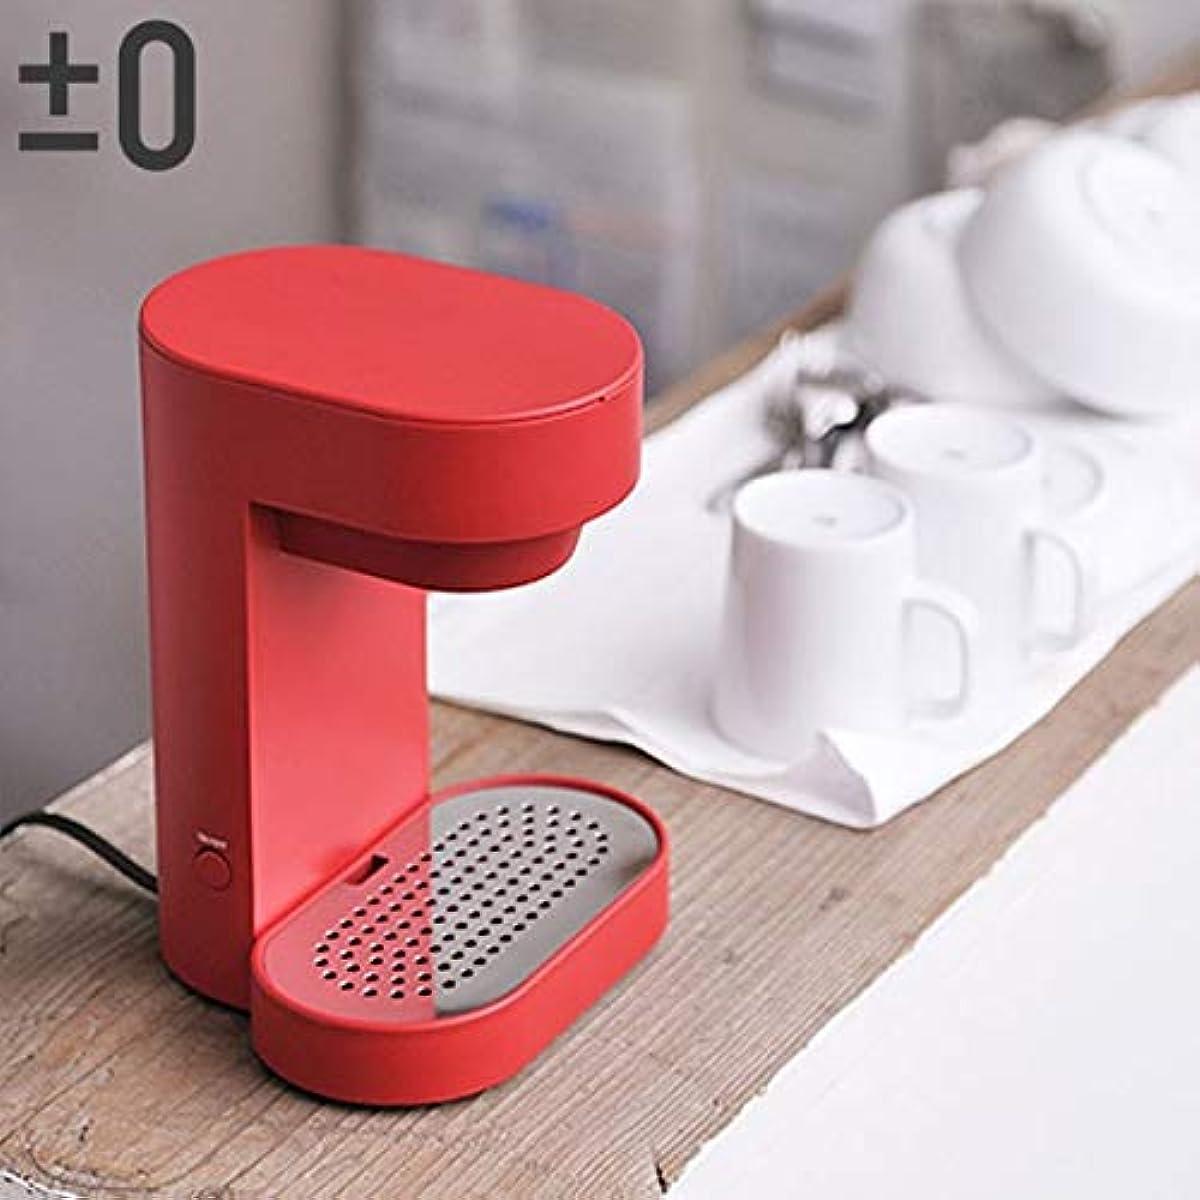 [해외] 플러스마이너스제로 커피메이커 XKC-V110 (R)